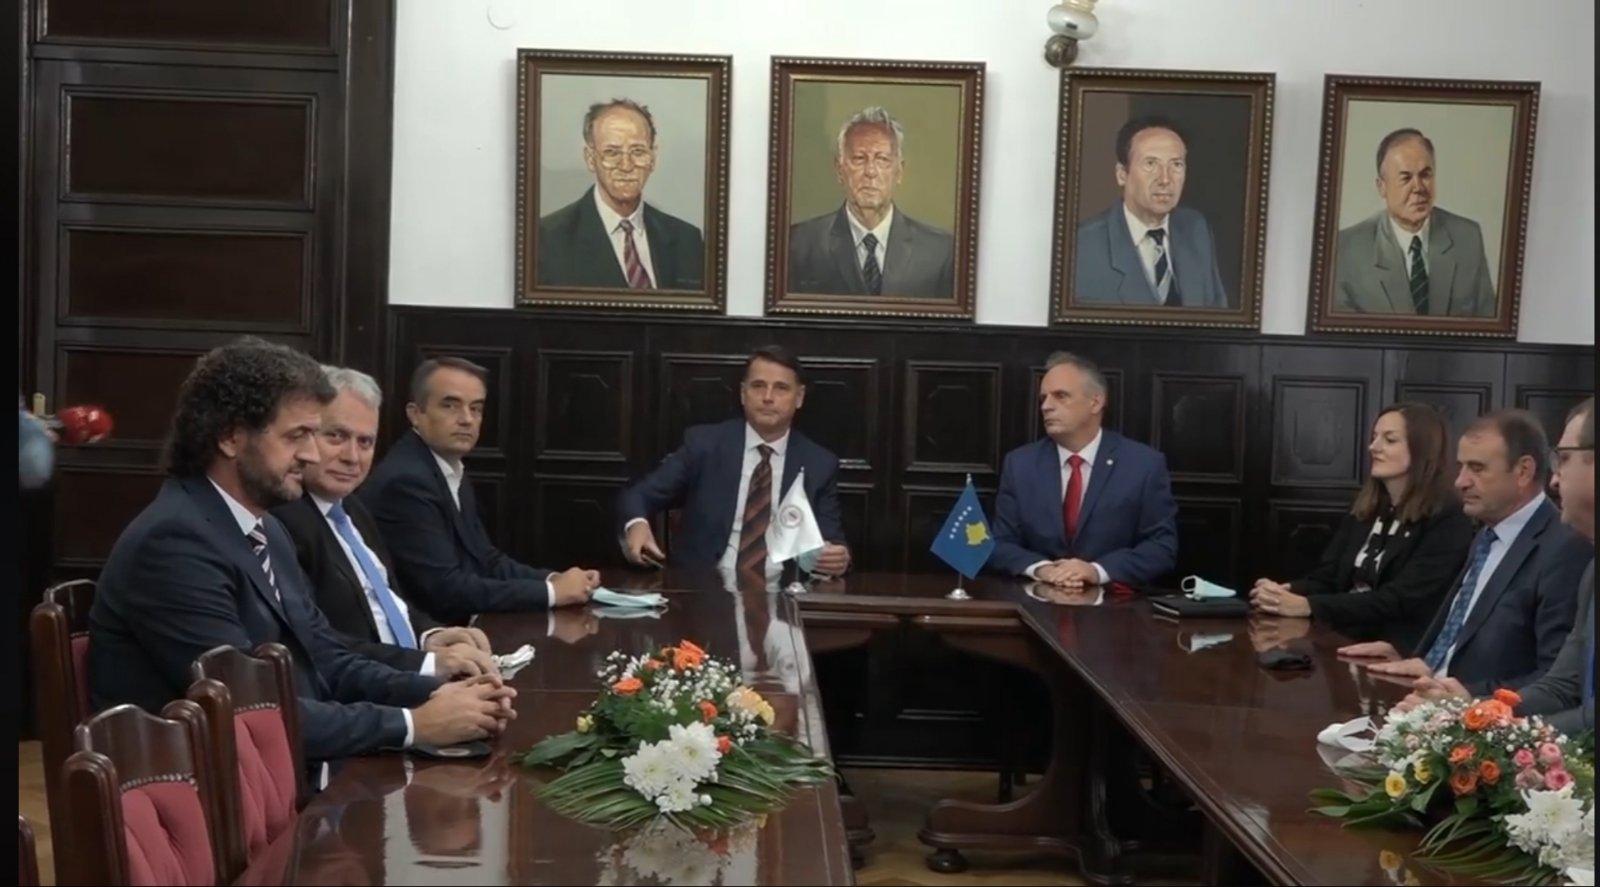 Katër universitete publike presin miratimin e statuteve nga Kuvendi i Kosovës